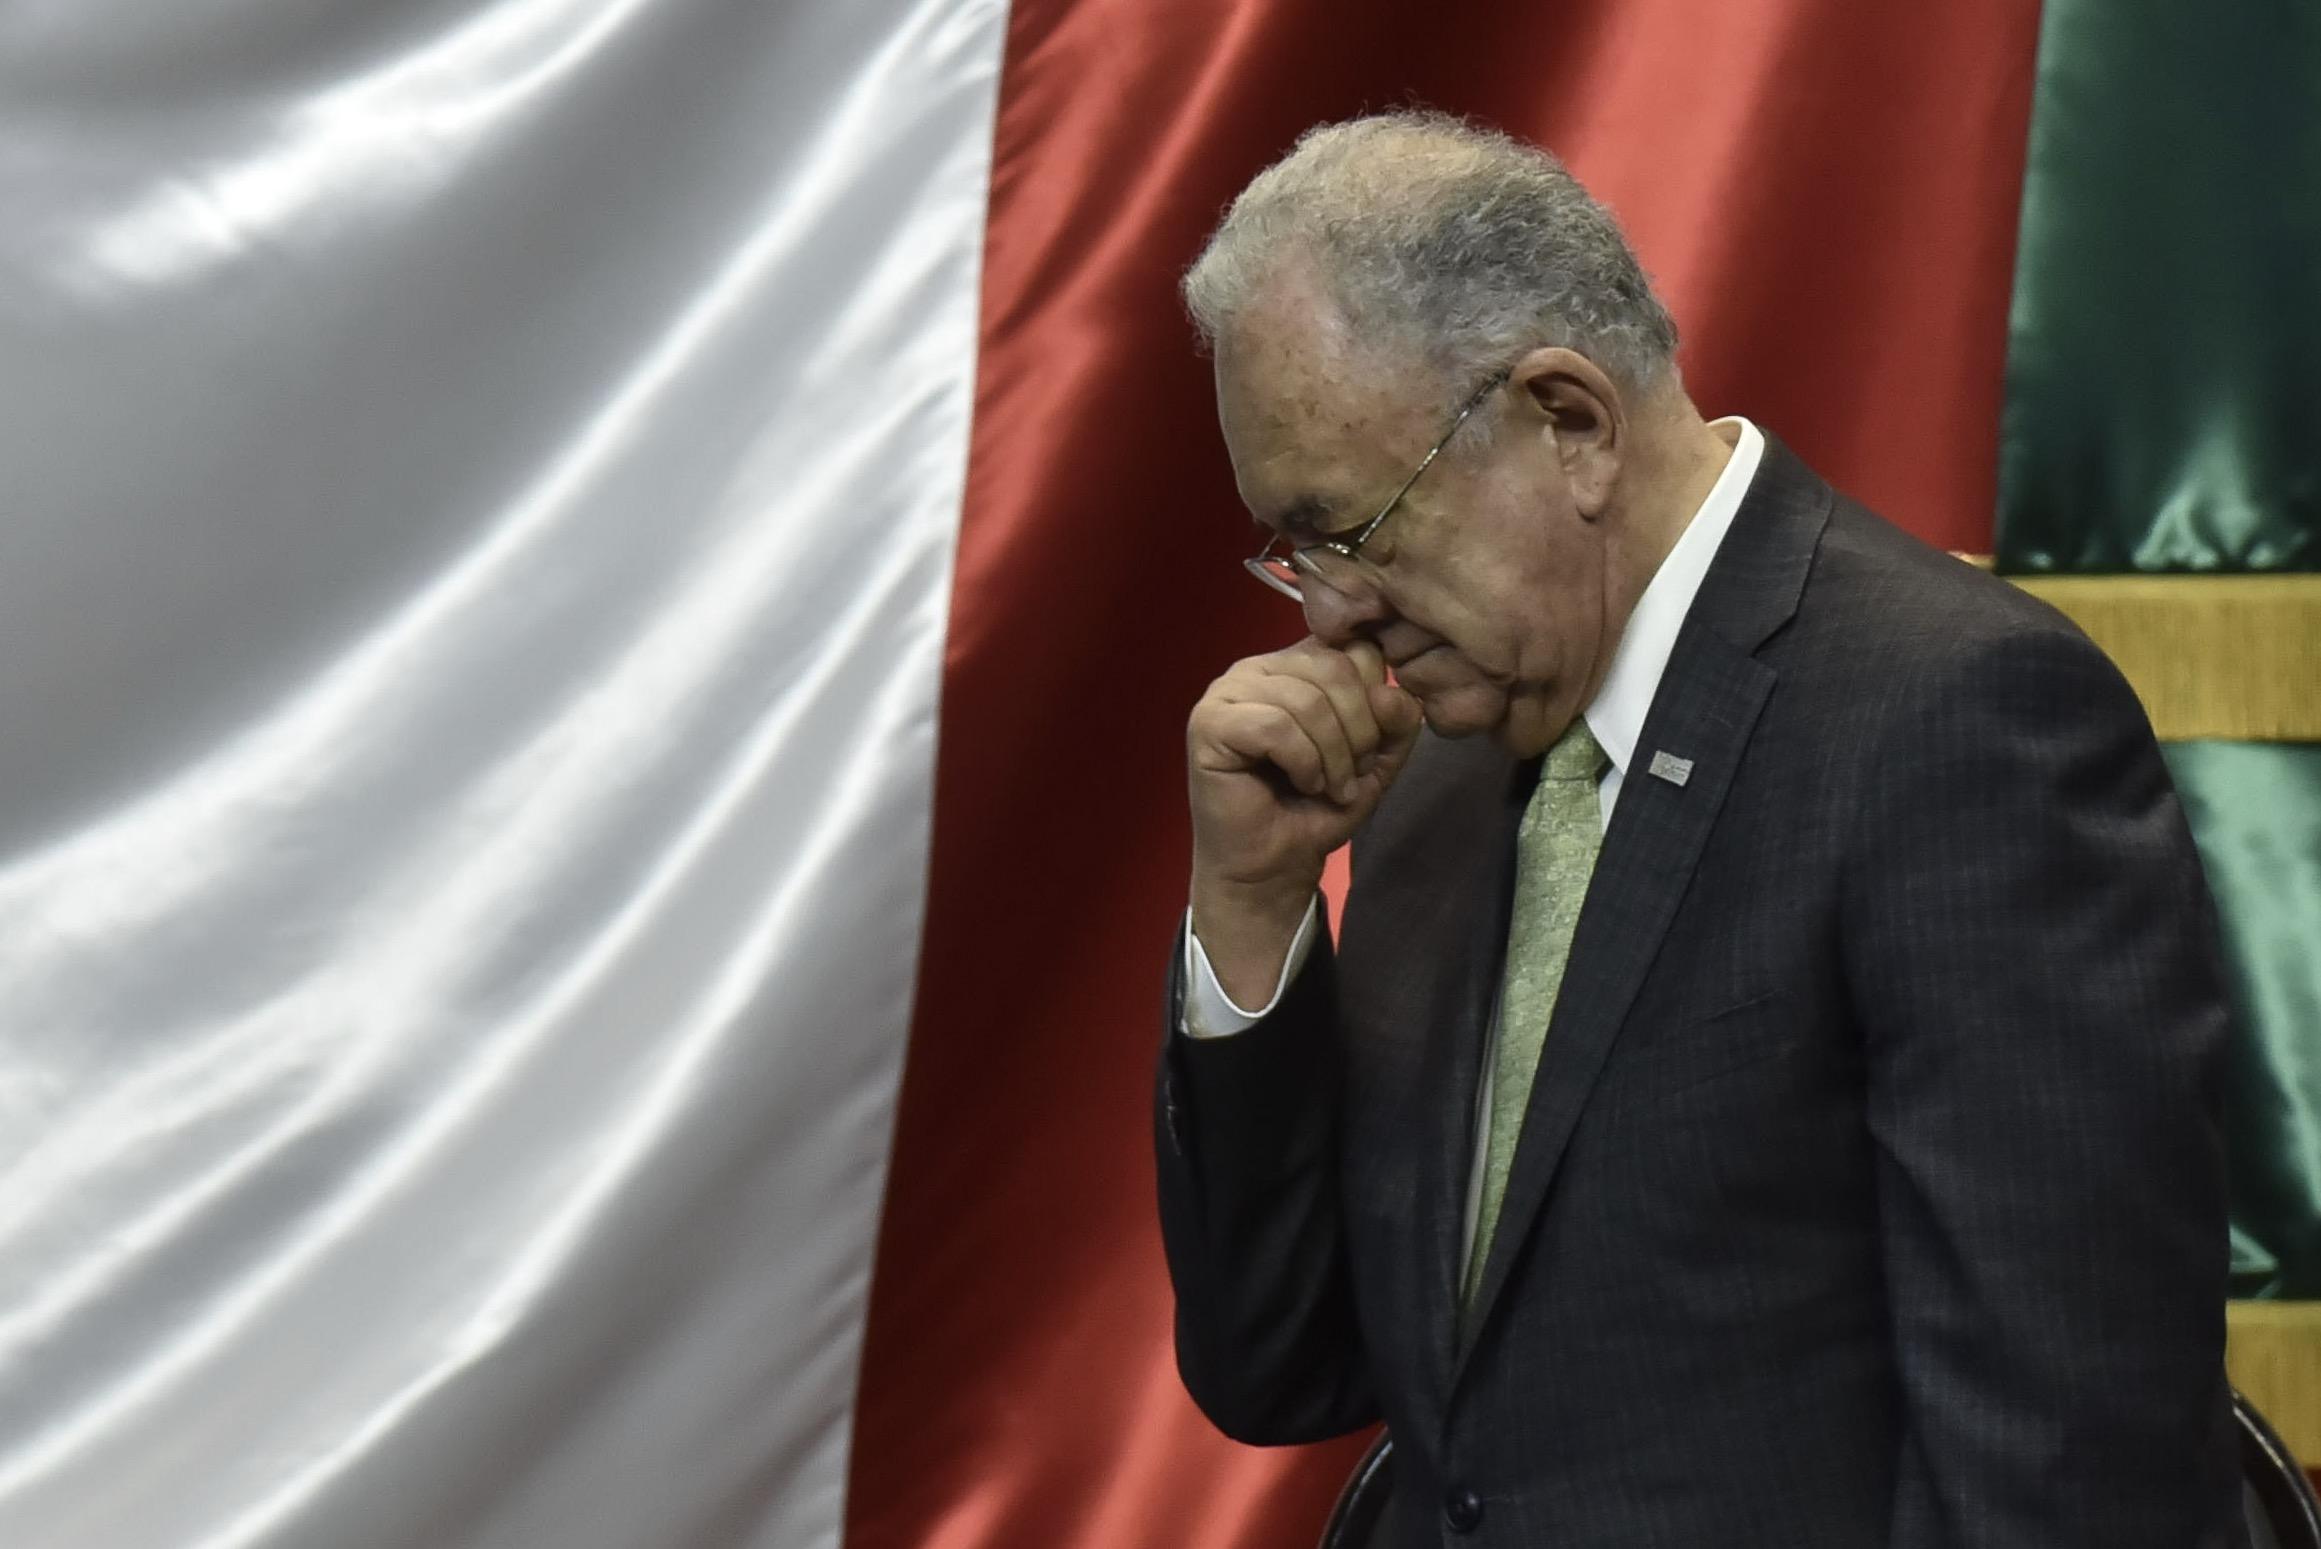 JA, oilo: Dice Jiménez Espriú que en la SCT no puede haber corruptos